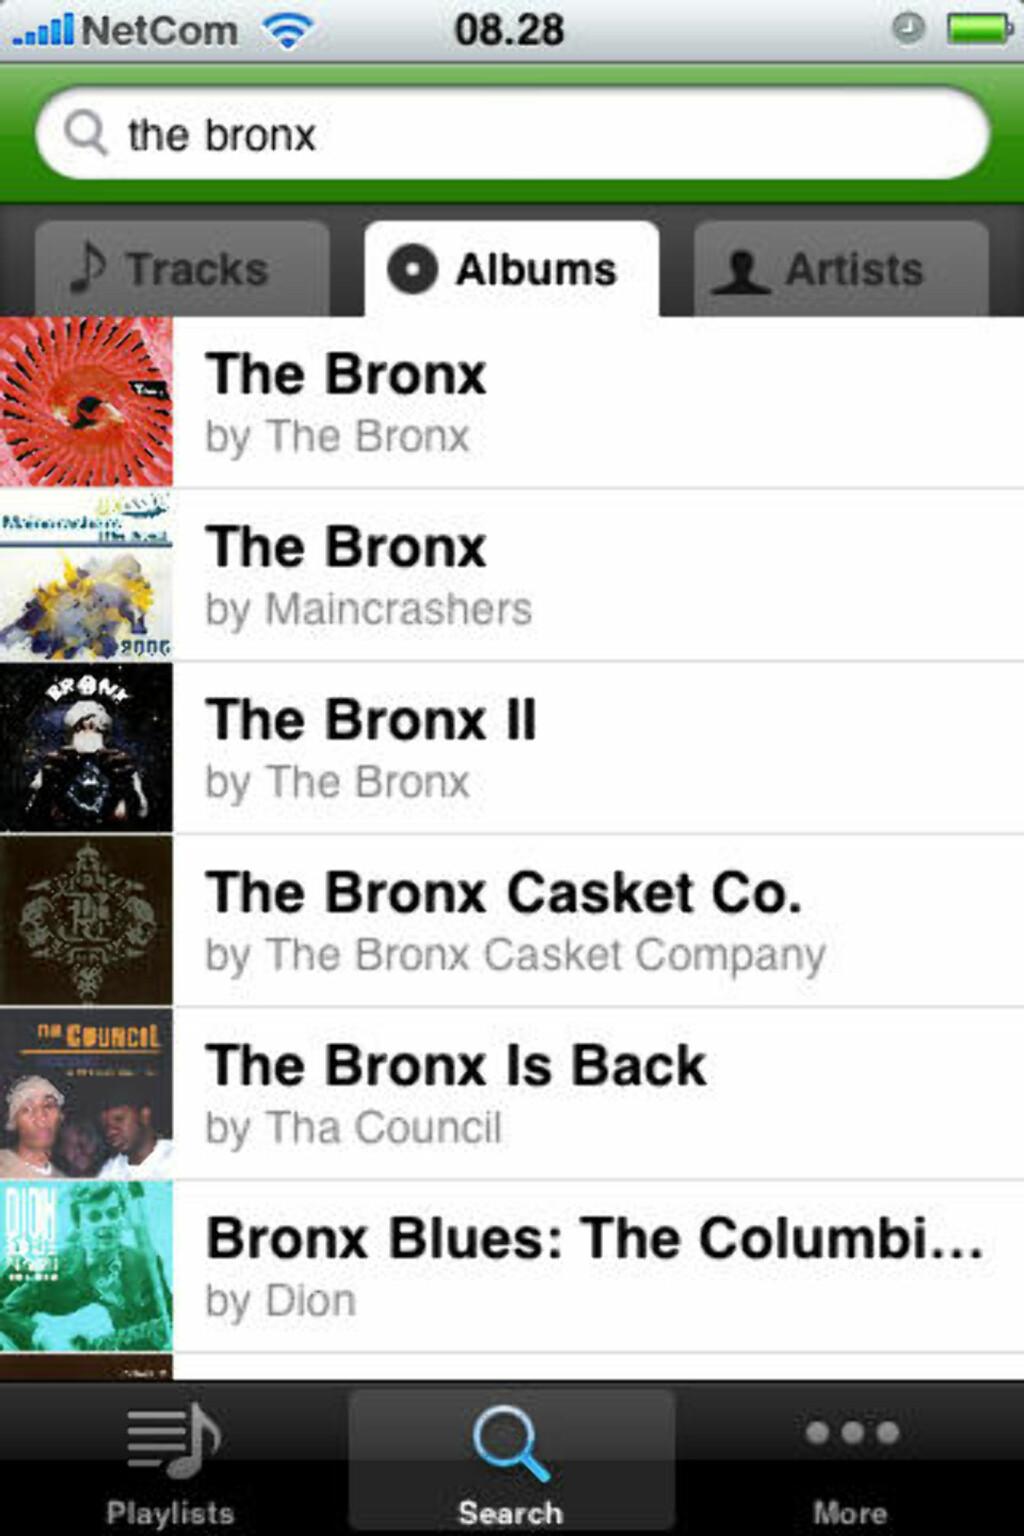 ALBUMOVERSIKT: Når du søker på en artist, lister den opp alle album, e.p.-er og singler med små coverbilder.